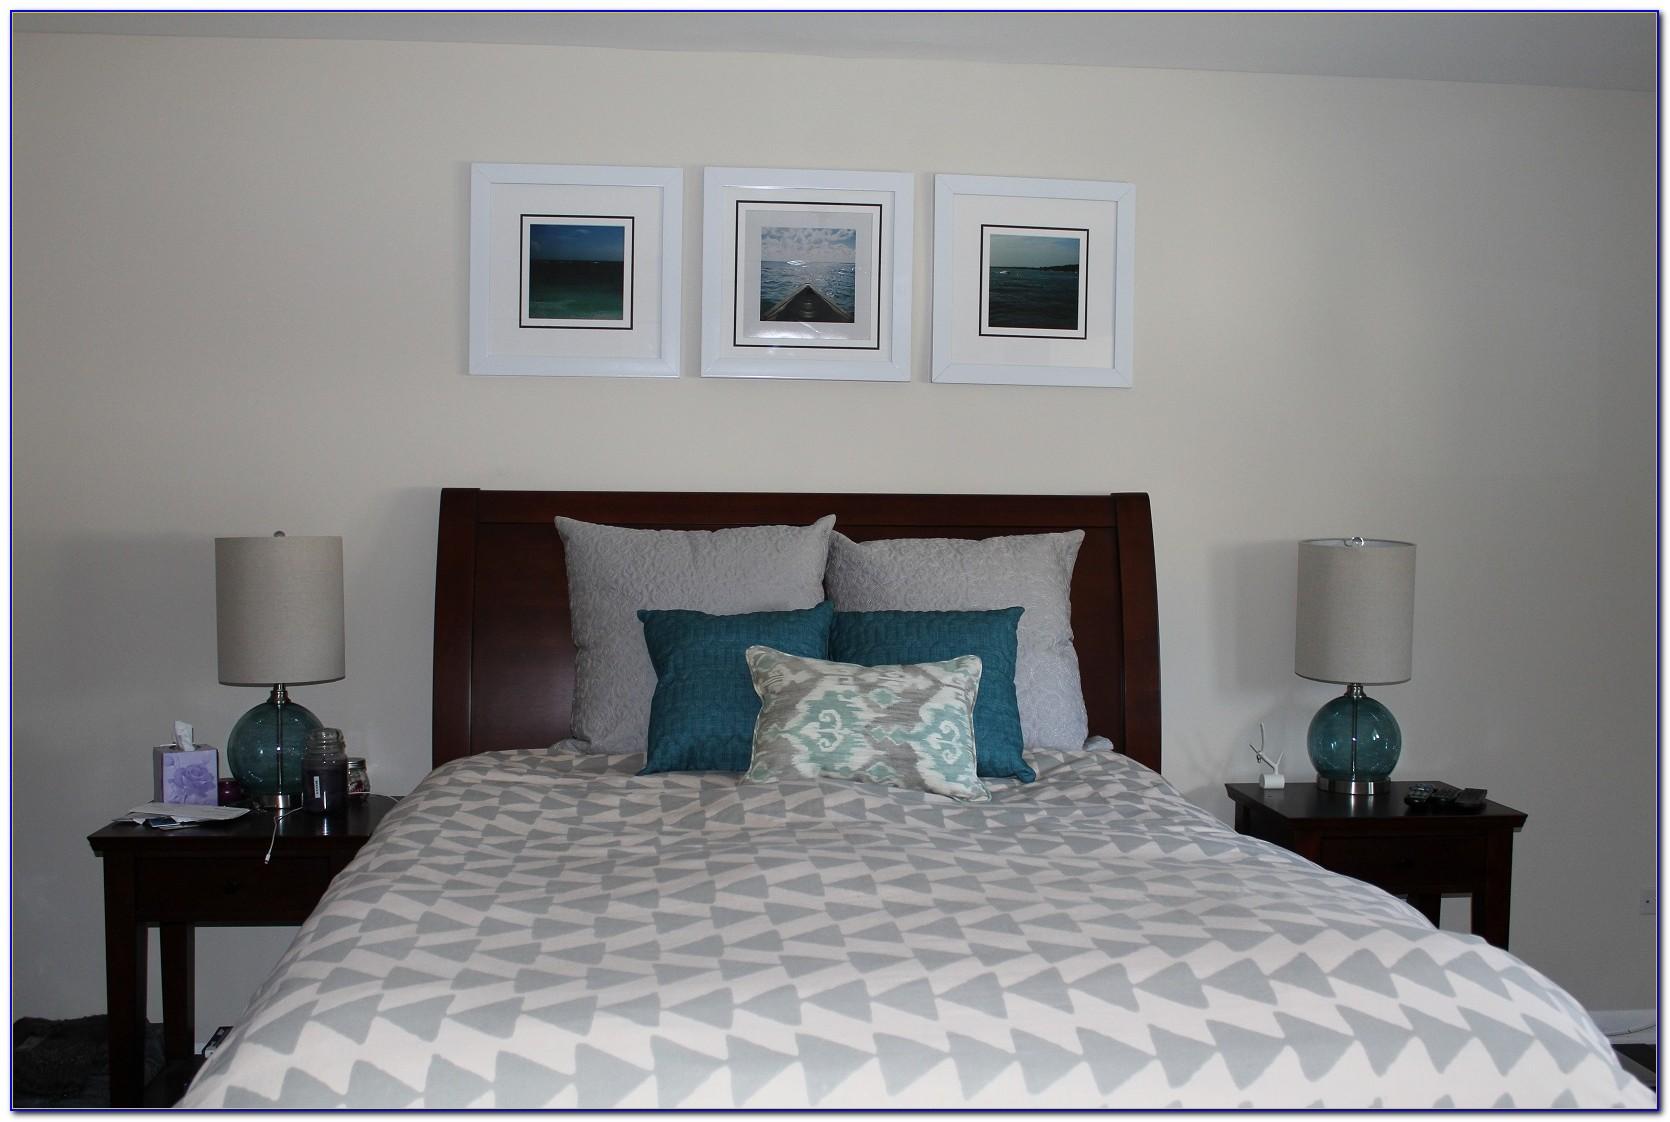 Diy Wall Art For Master Bedroom